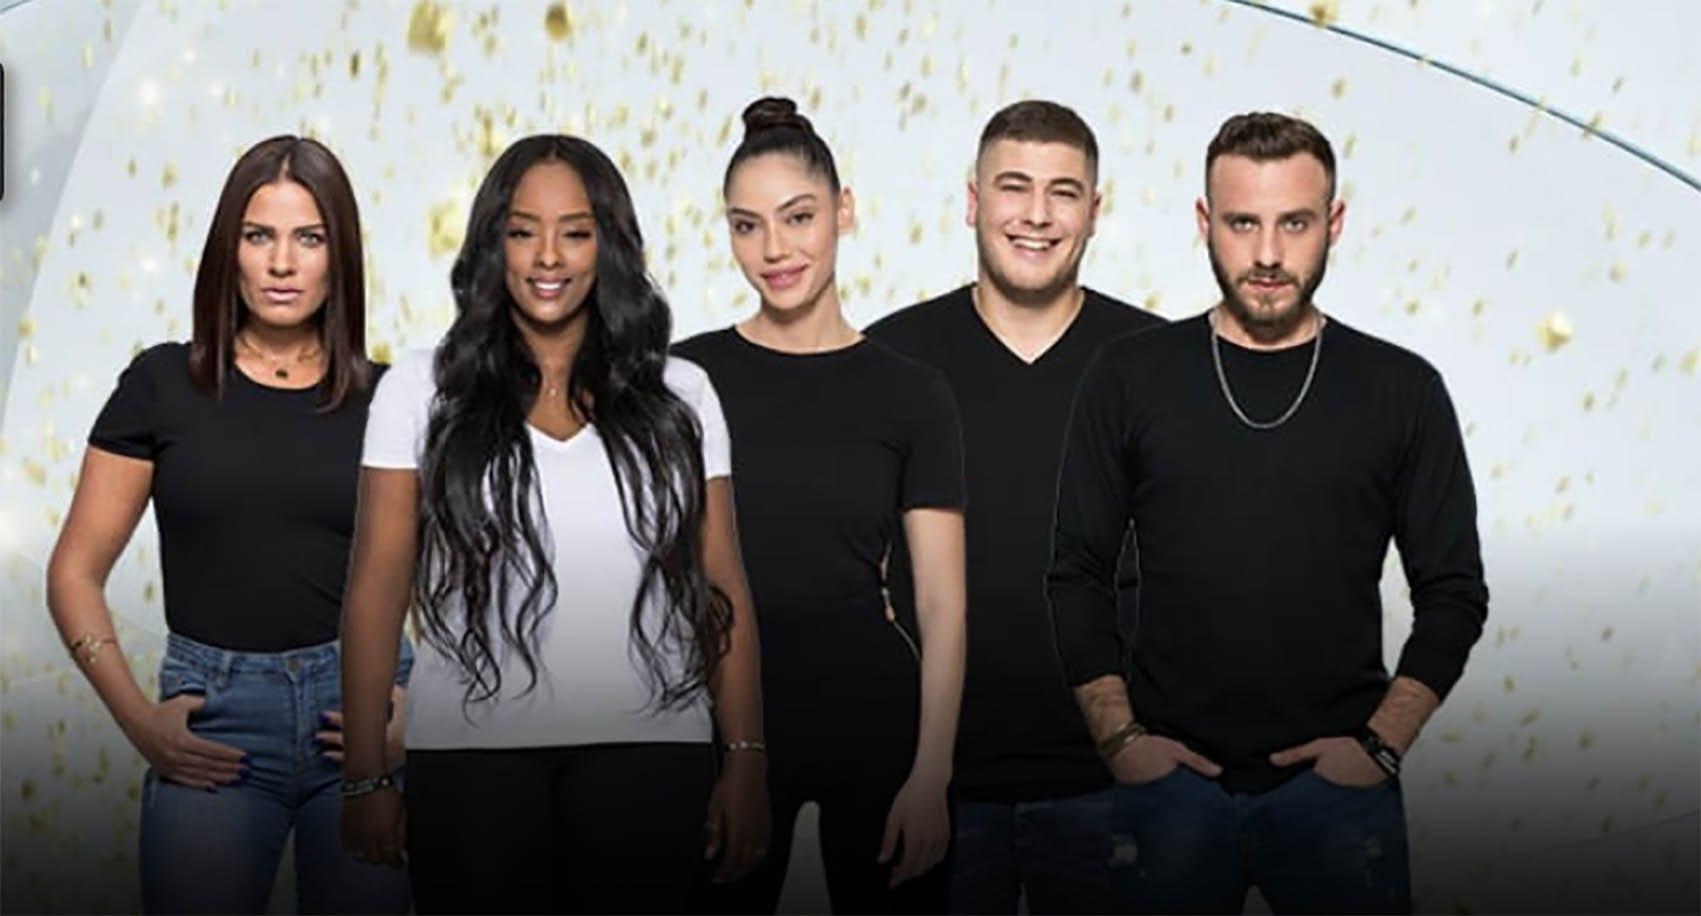 האח הגדול 2020: חמישיית הגמר_מגזין אופנה